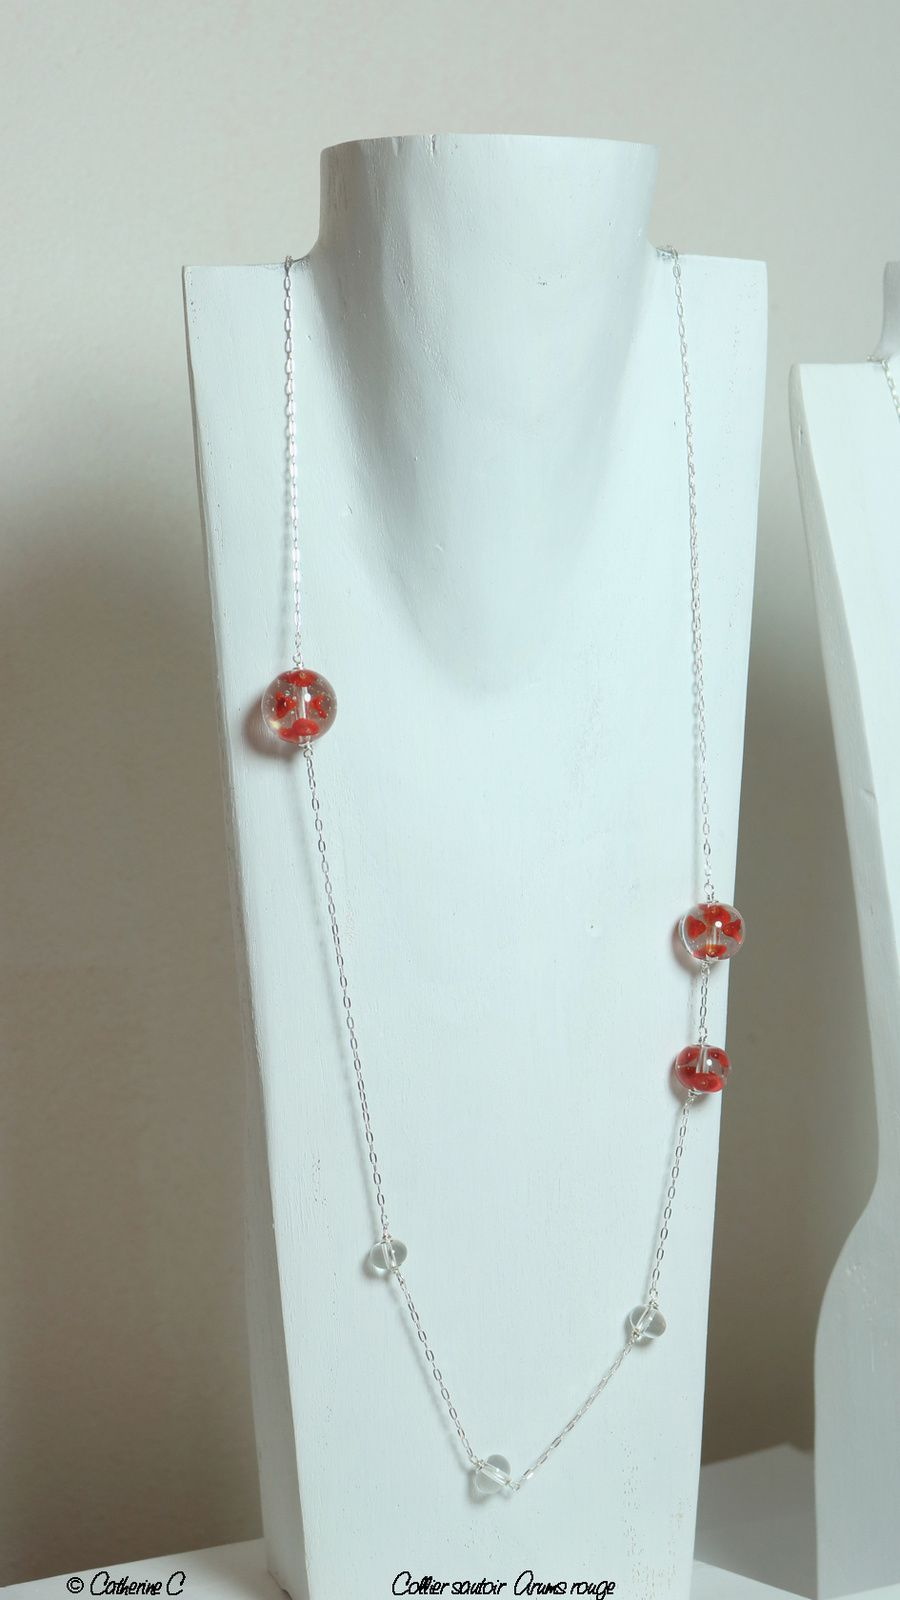 Collier sautoir Arums rouge